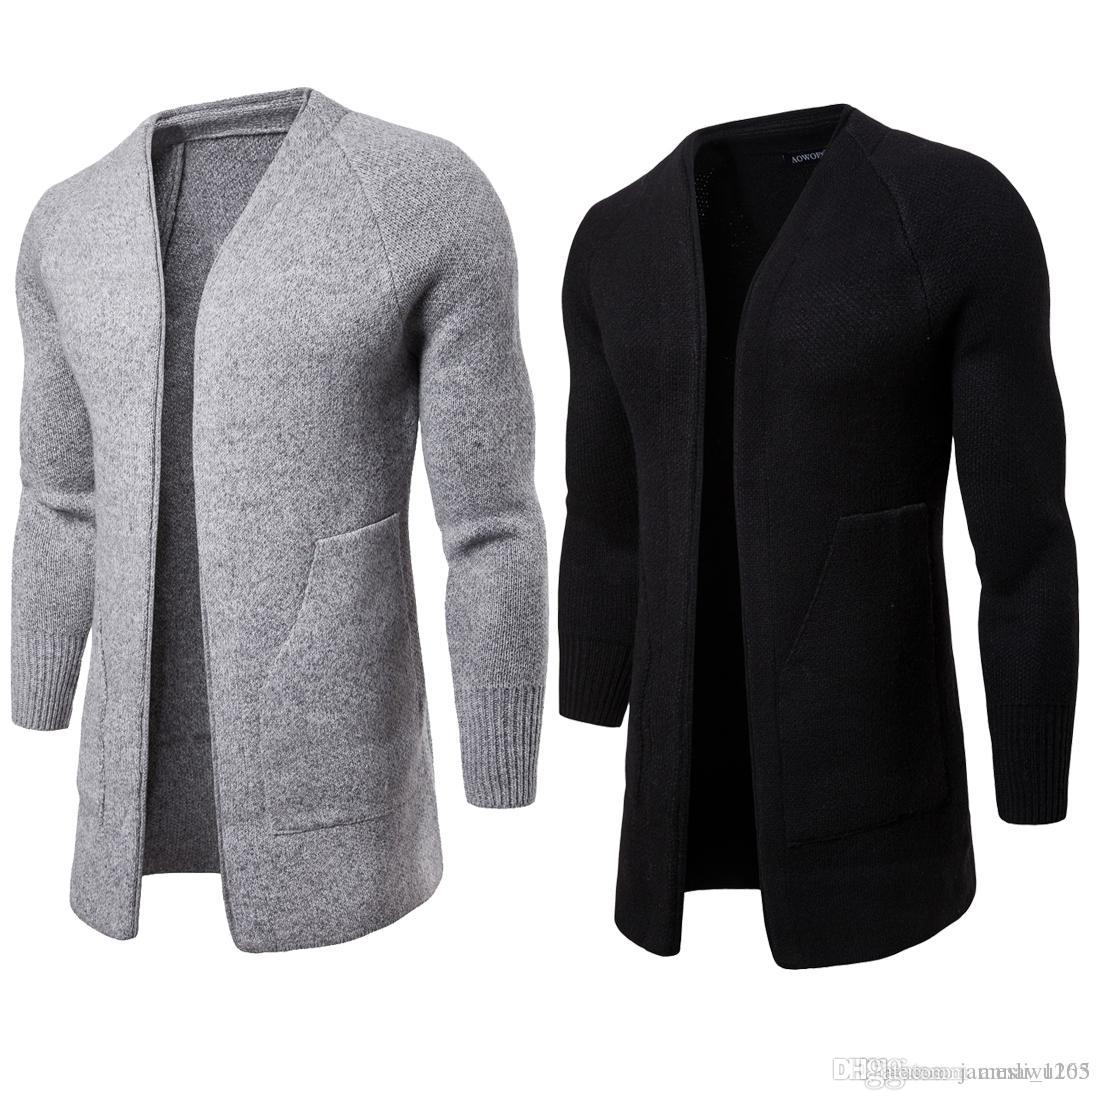 Новый конструктор свитера кардигана Мень V-образным вырезом Длинный свитер с длинным рукавом высокого качества хлопка Смешать Вязаная зима Mens свитер для продаж